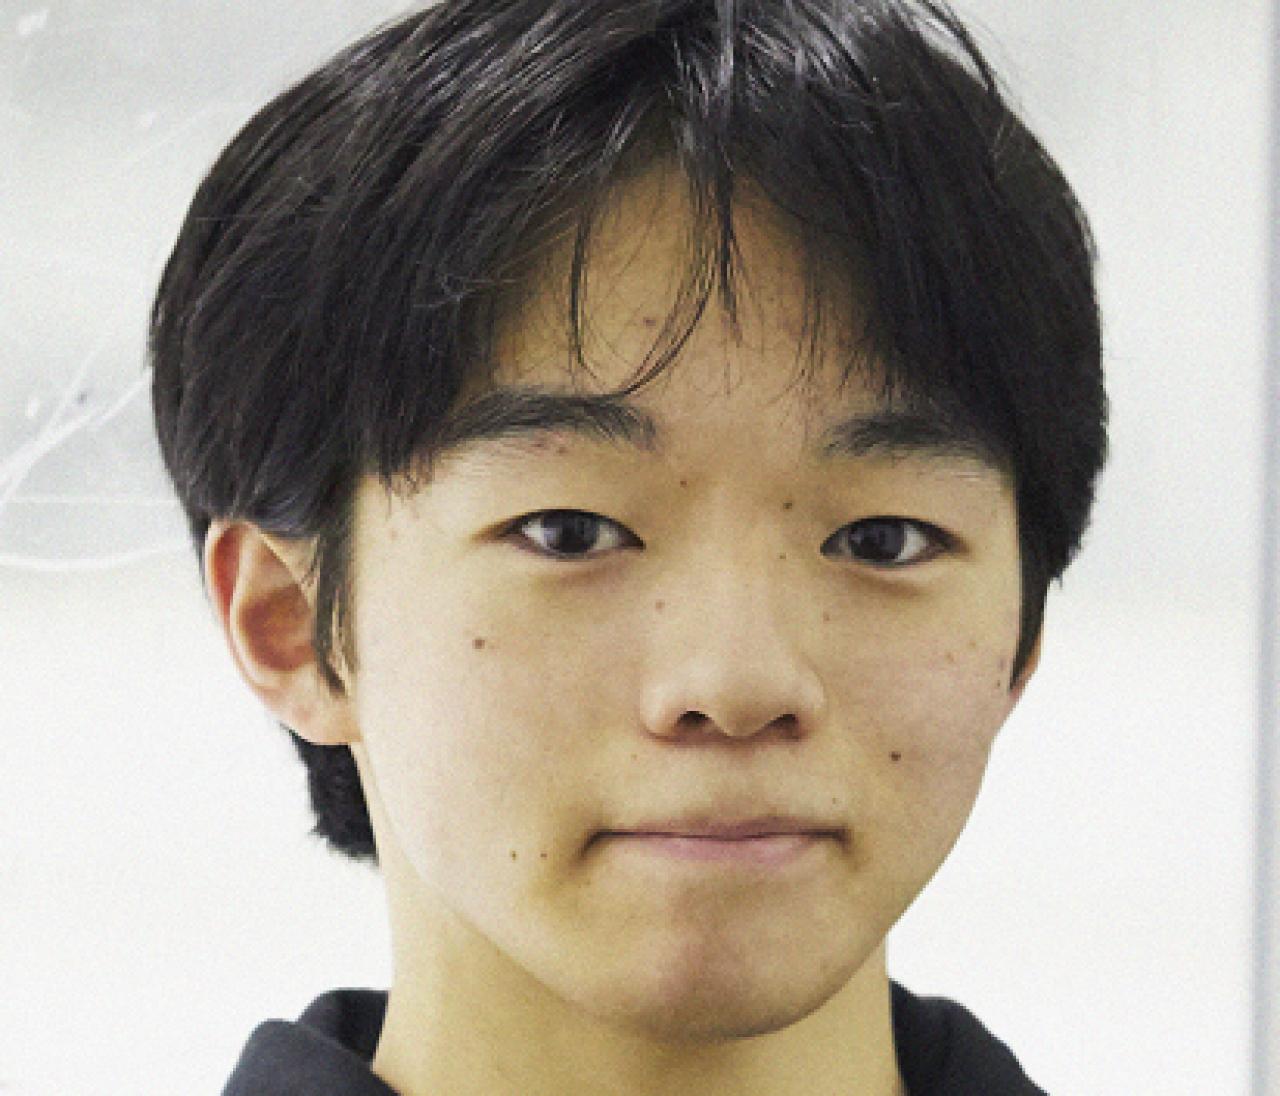 【フィギュアスケート界の新星・鍵山優真選手】BAILA独占インタビュー!全日本選手権で銅メダルを獲得